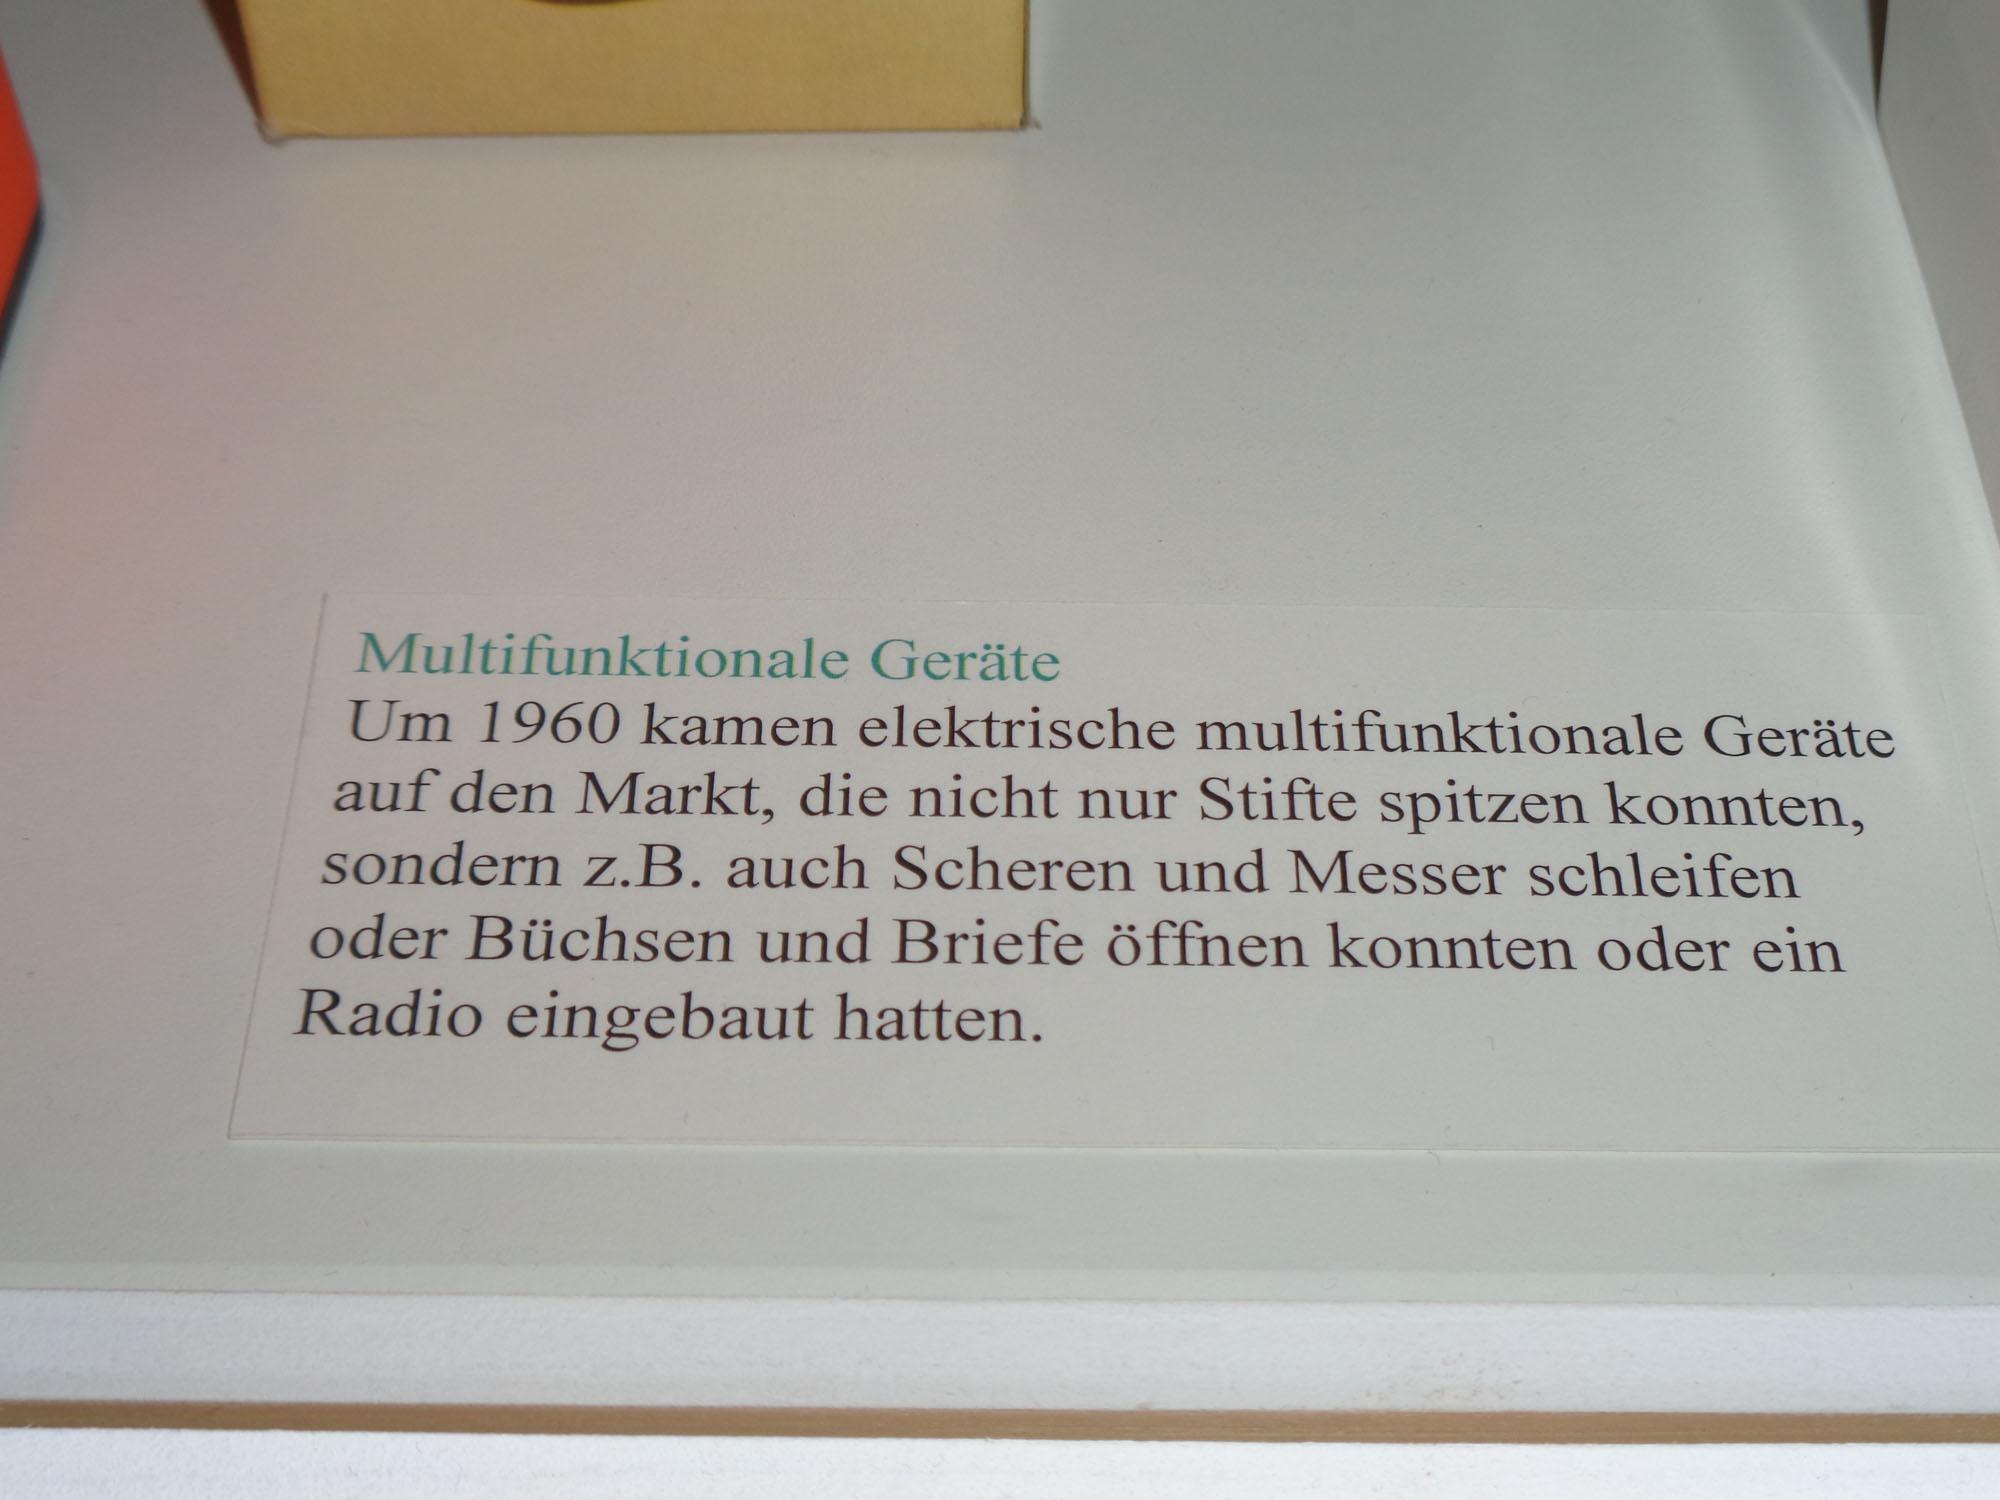 20170930_SHBS_Spitzerausstellung-Appenzell_UKlausner_037